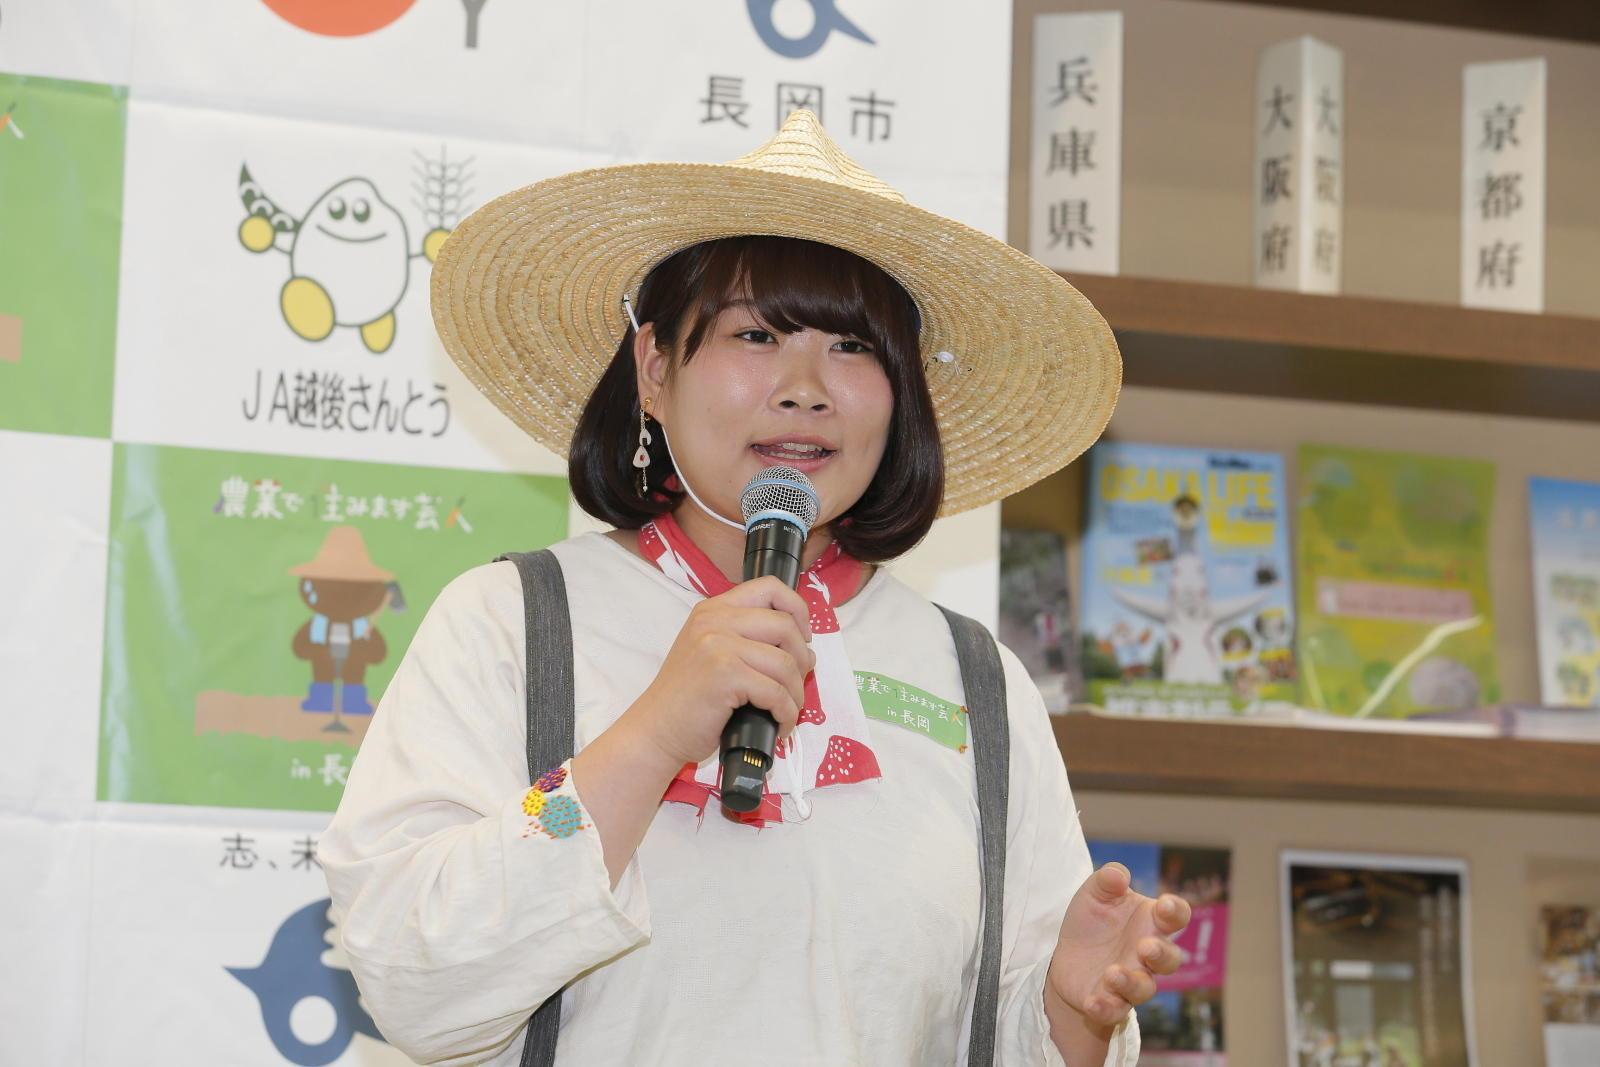 http://news.yoshimoto.co.jp/20160429190439-58c092fa1ff86e28d0bd3bf0f301a09d4673c72e.jpg